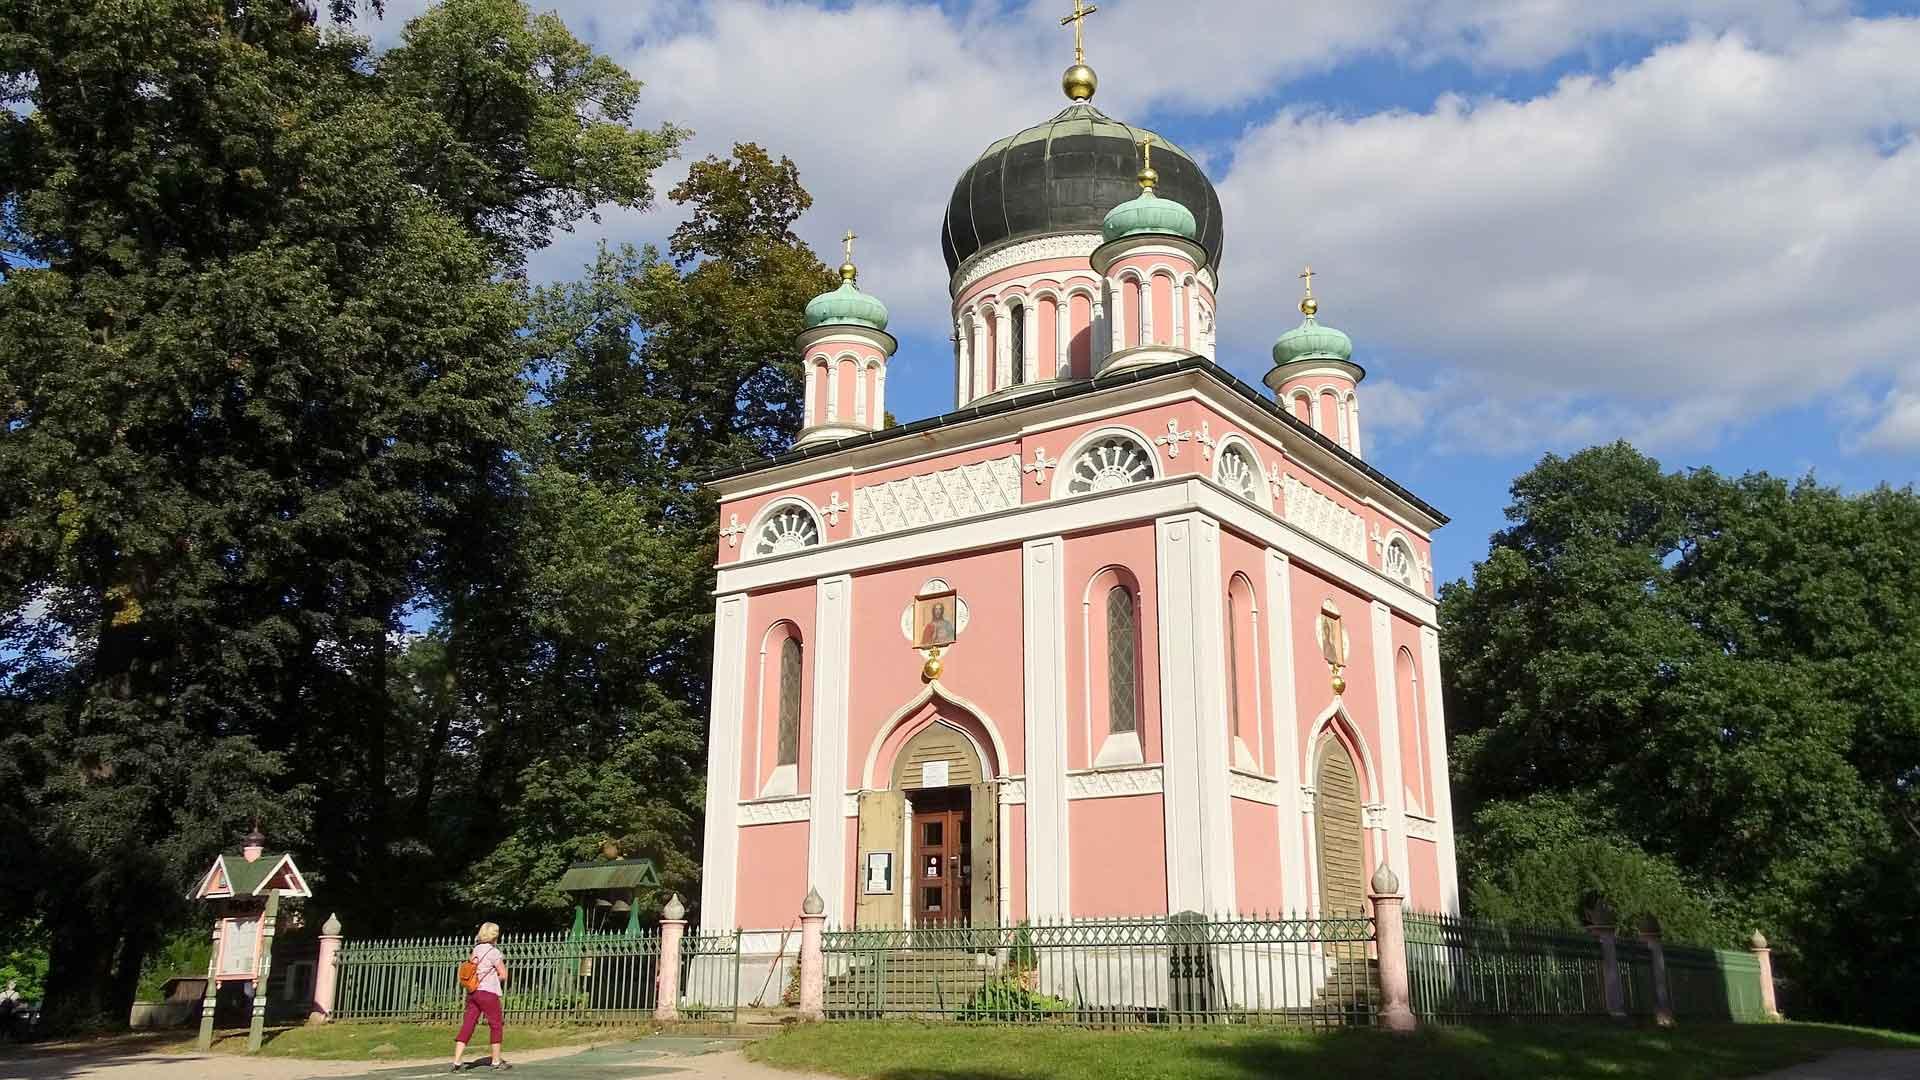 Je waant je in Rusland in de Russische wijk Alexandrowka in Potsdam